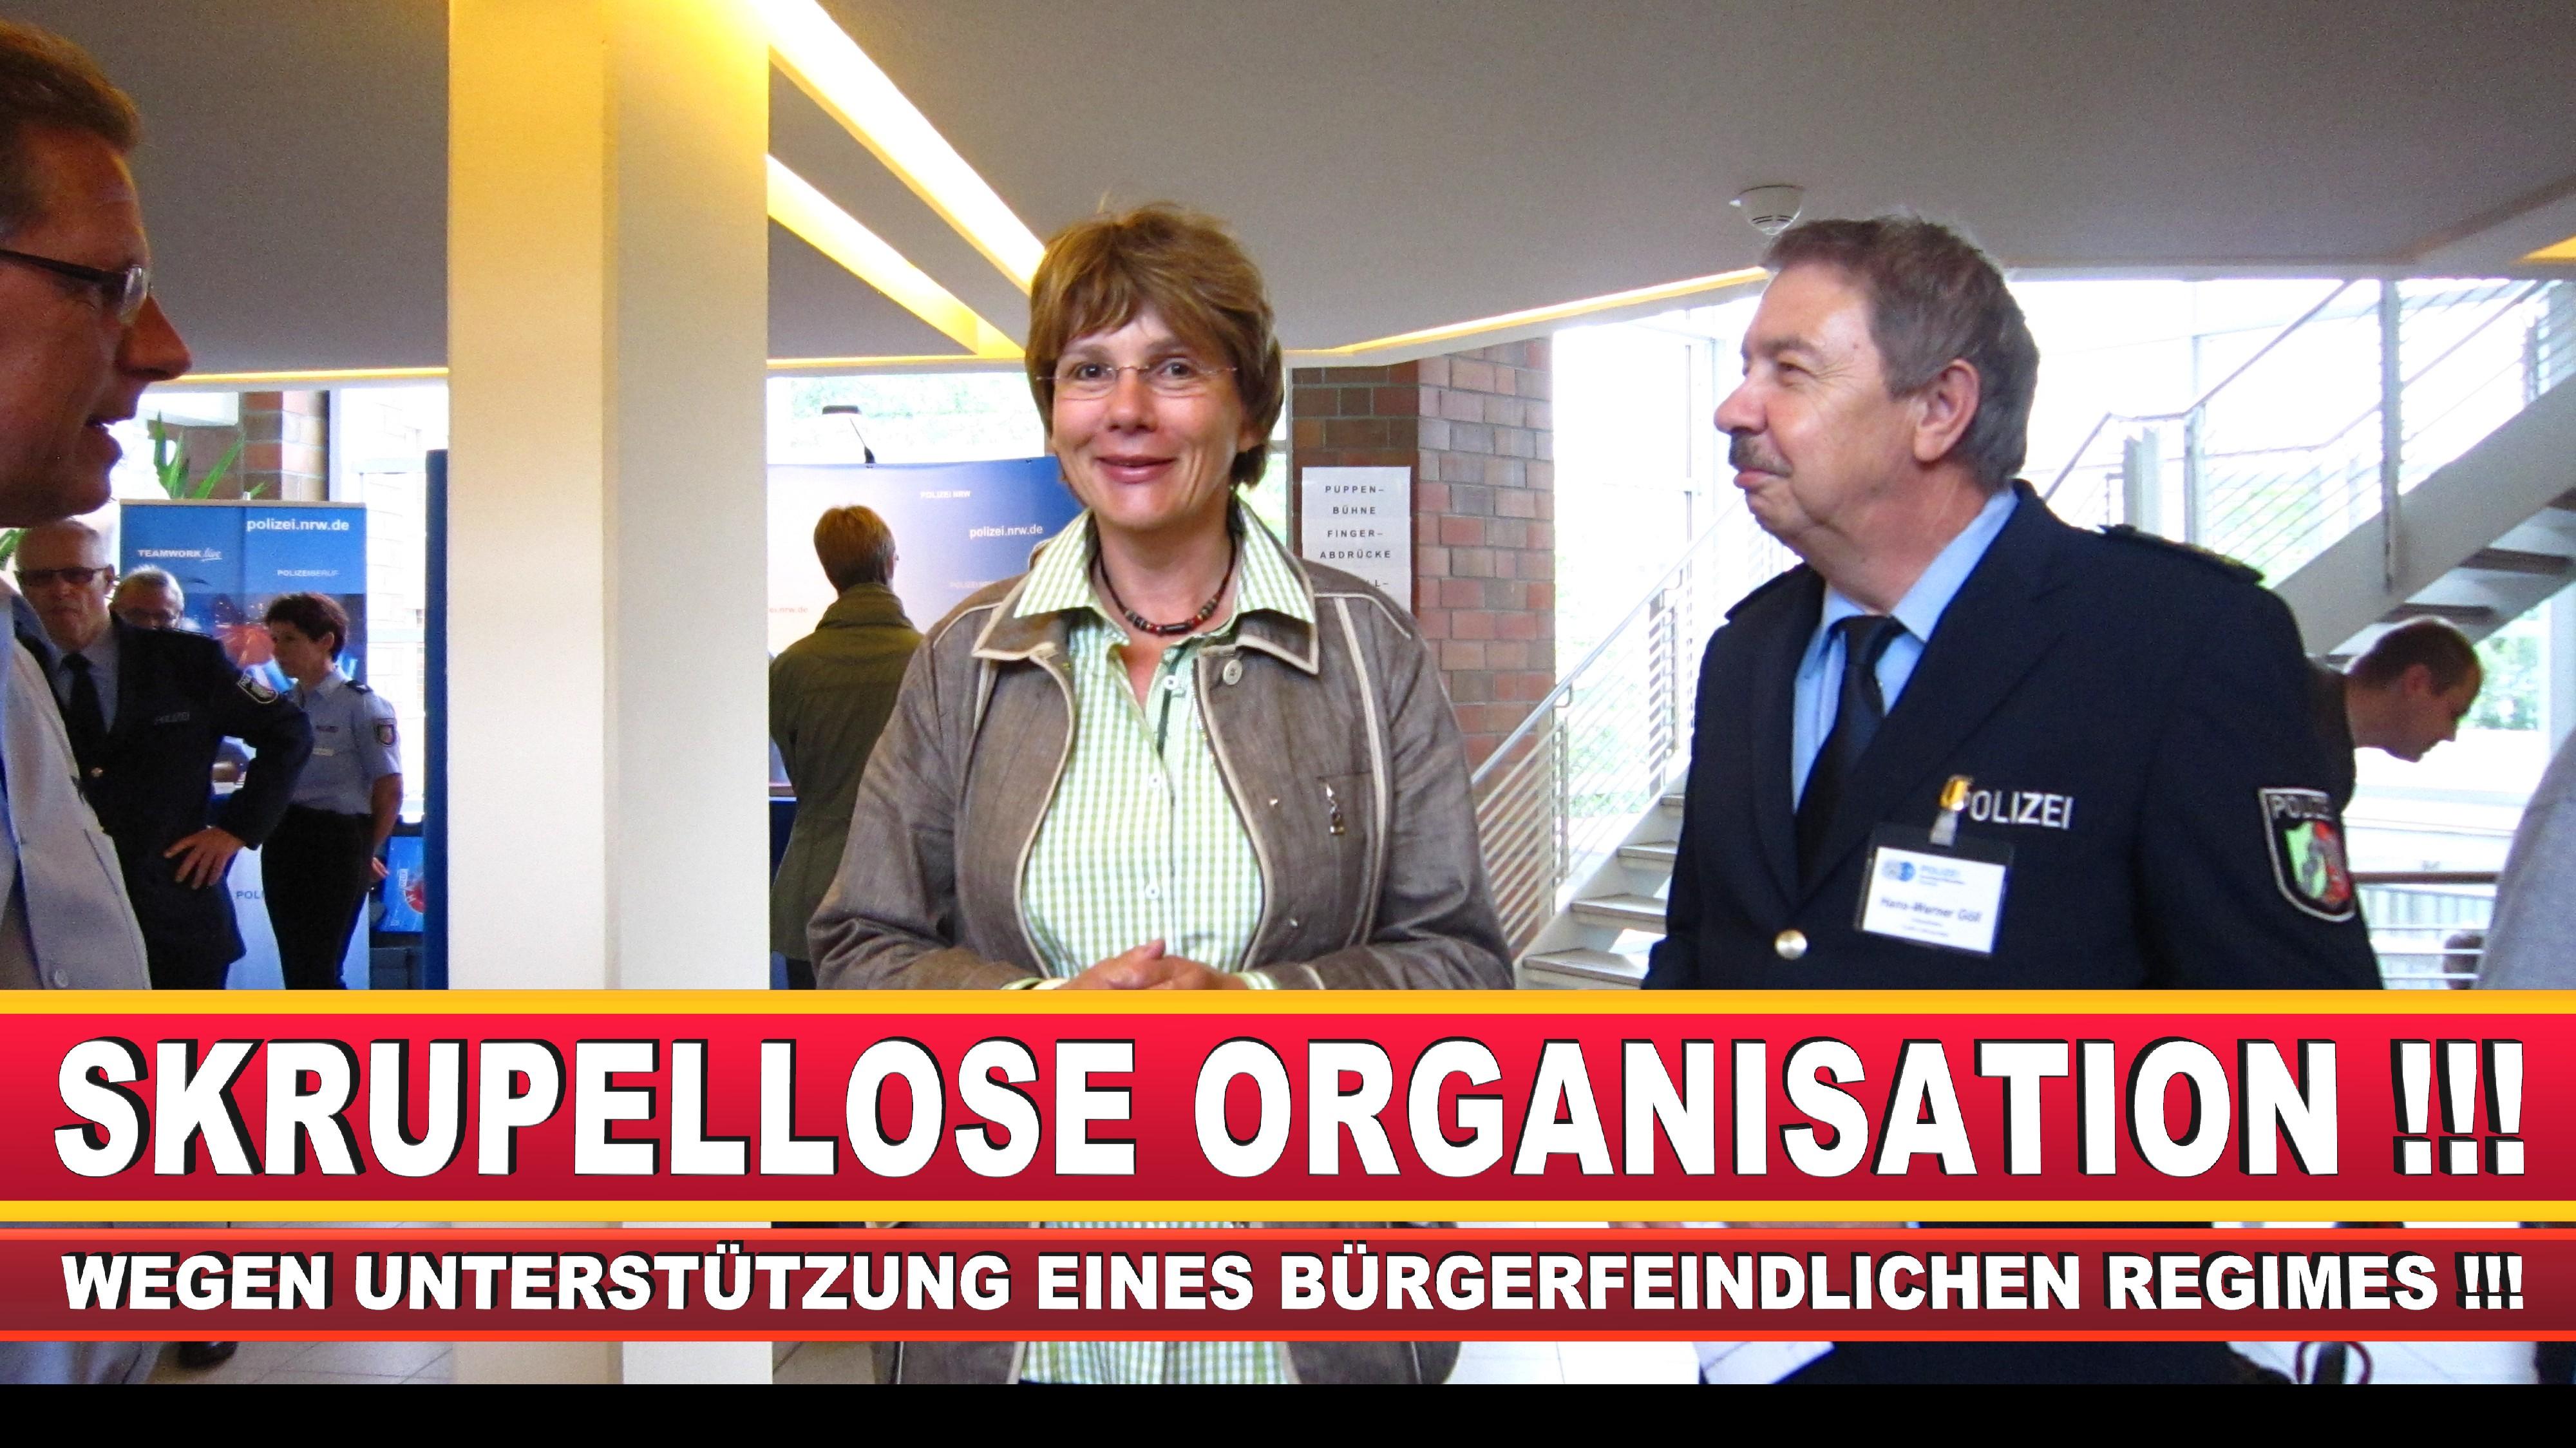 Polizeipräsidentin Katharina Giere Polizei Bielefeld NRW Erwin Südfeld Horst Kruse Polizeiuniform Polizeigewalt DEMONSTRATION Bahnhof (16)